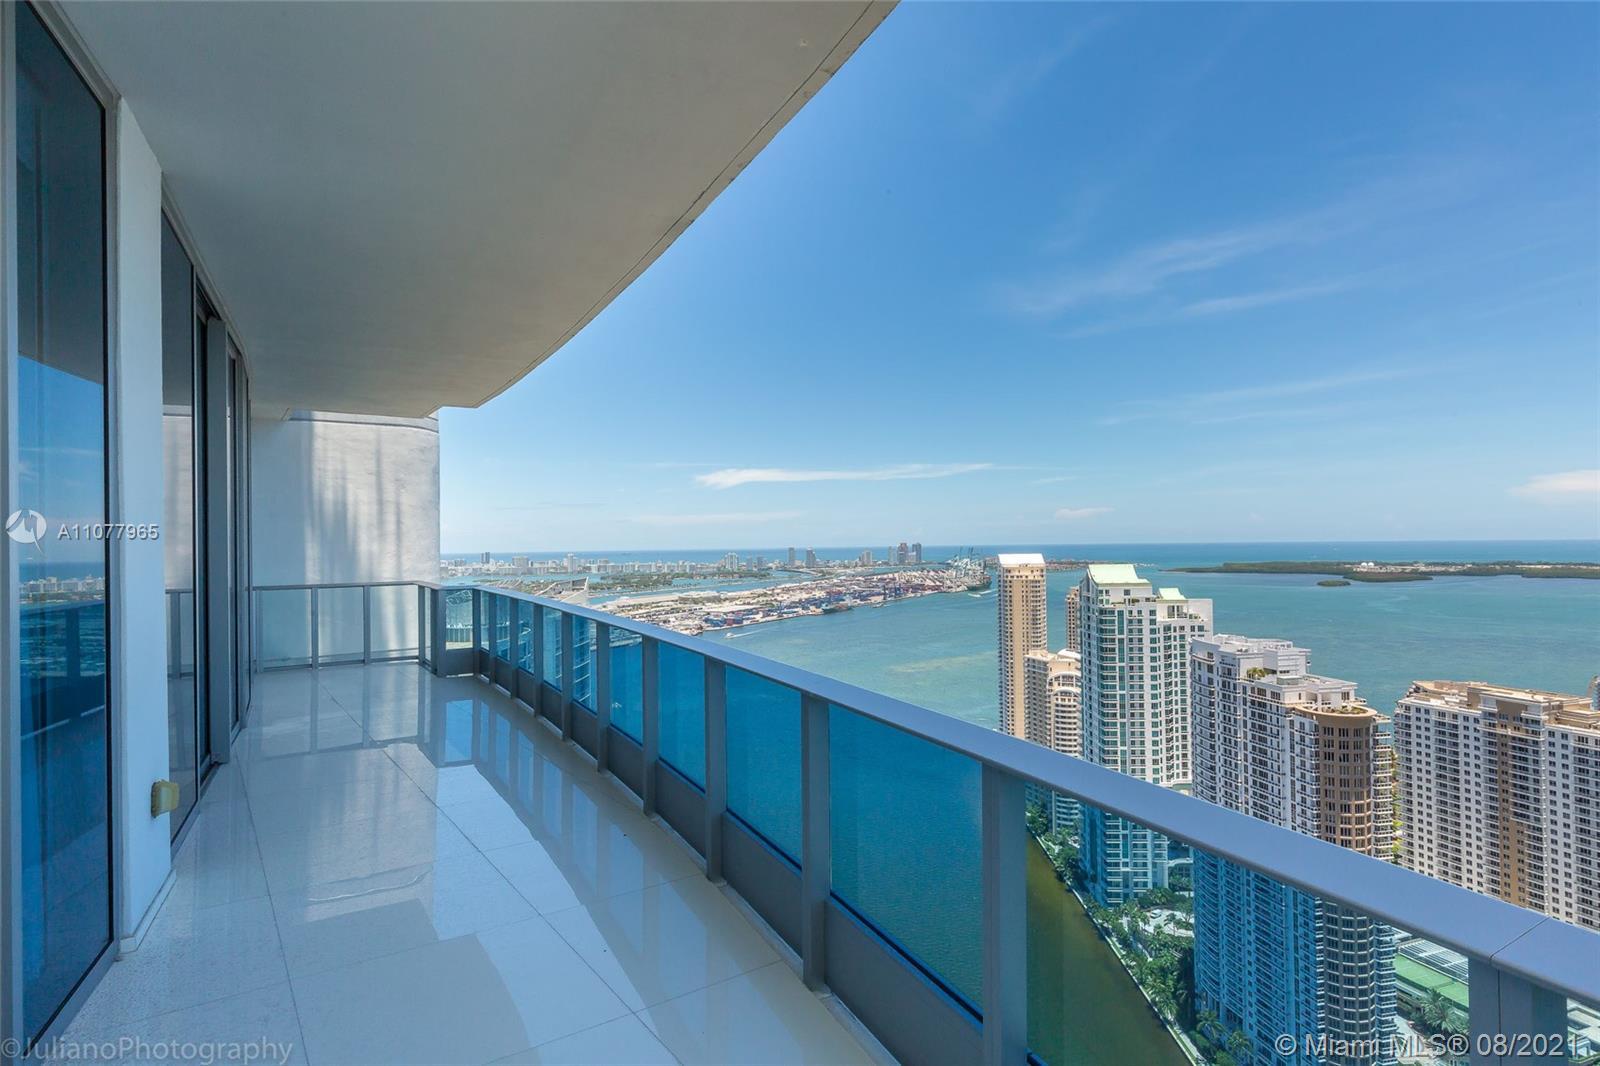 200 Biscayne Blvd Way 5208, Miami, FL 33131